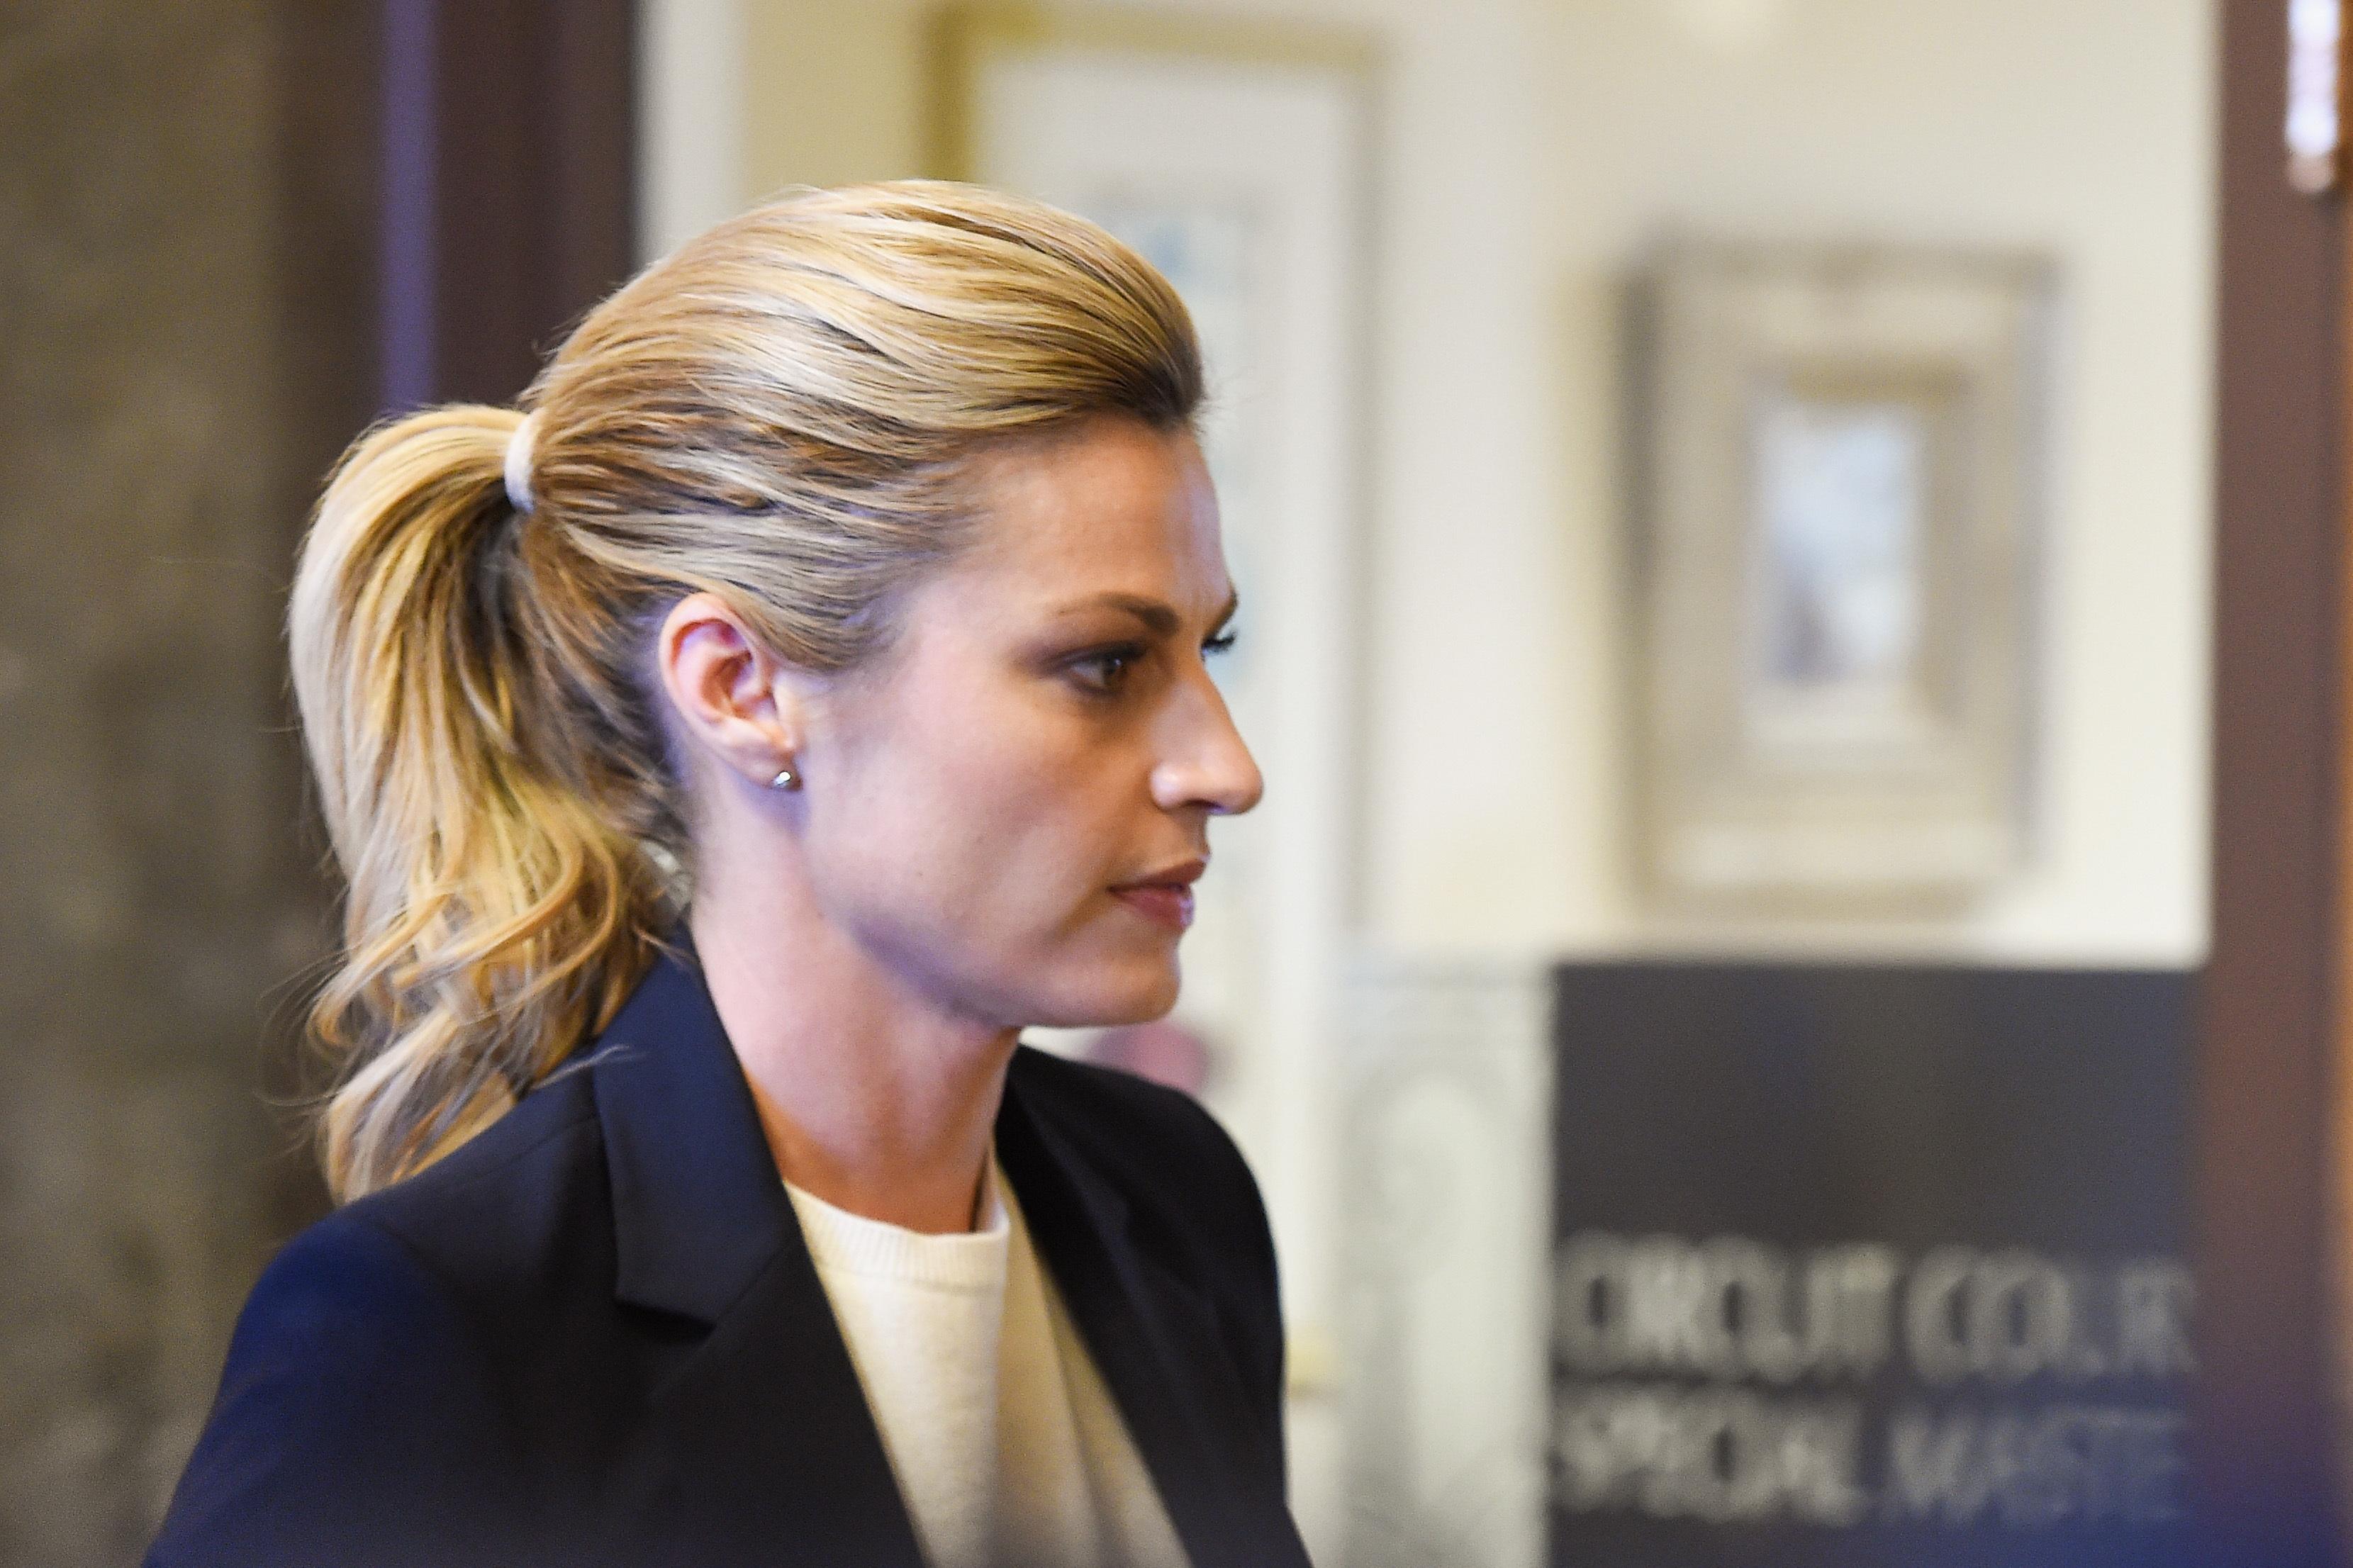 Erin Andrews nude video lawsuit: Jury begins deliberations